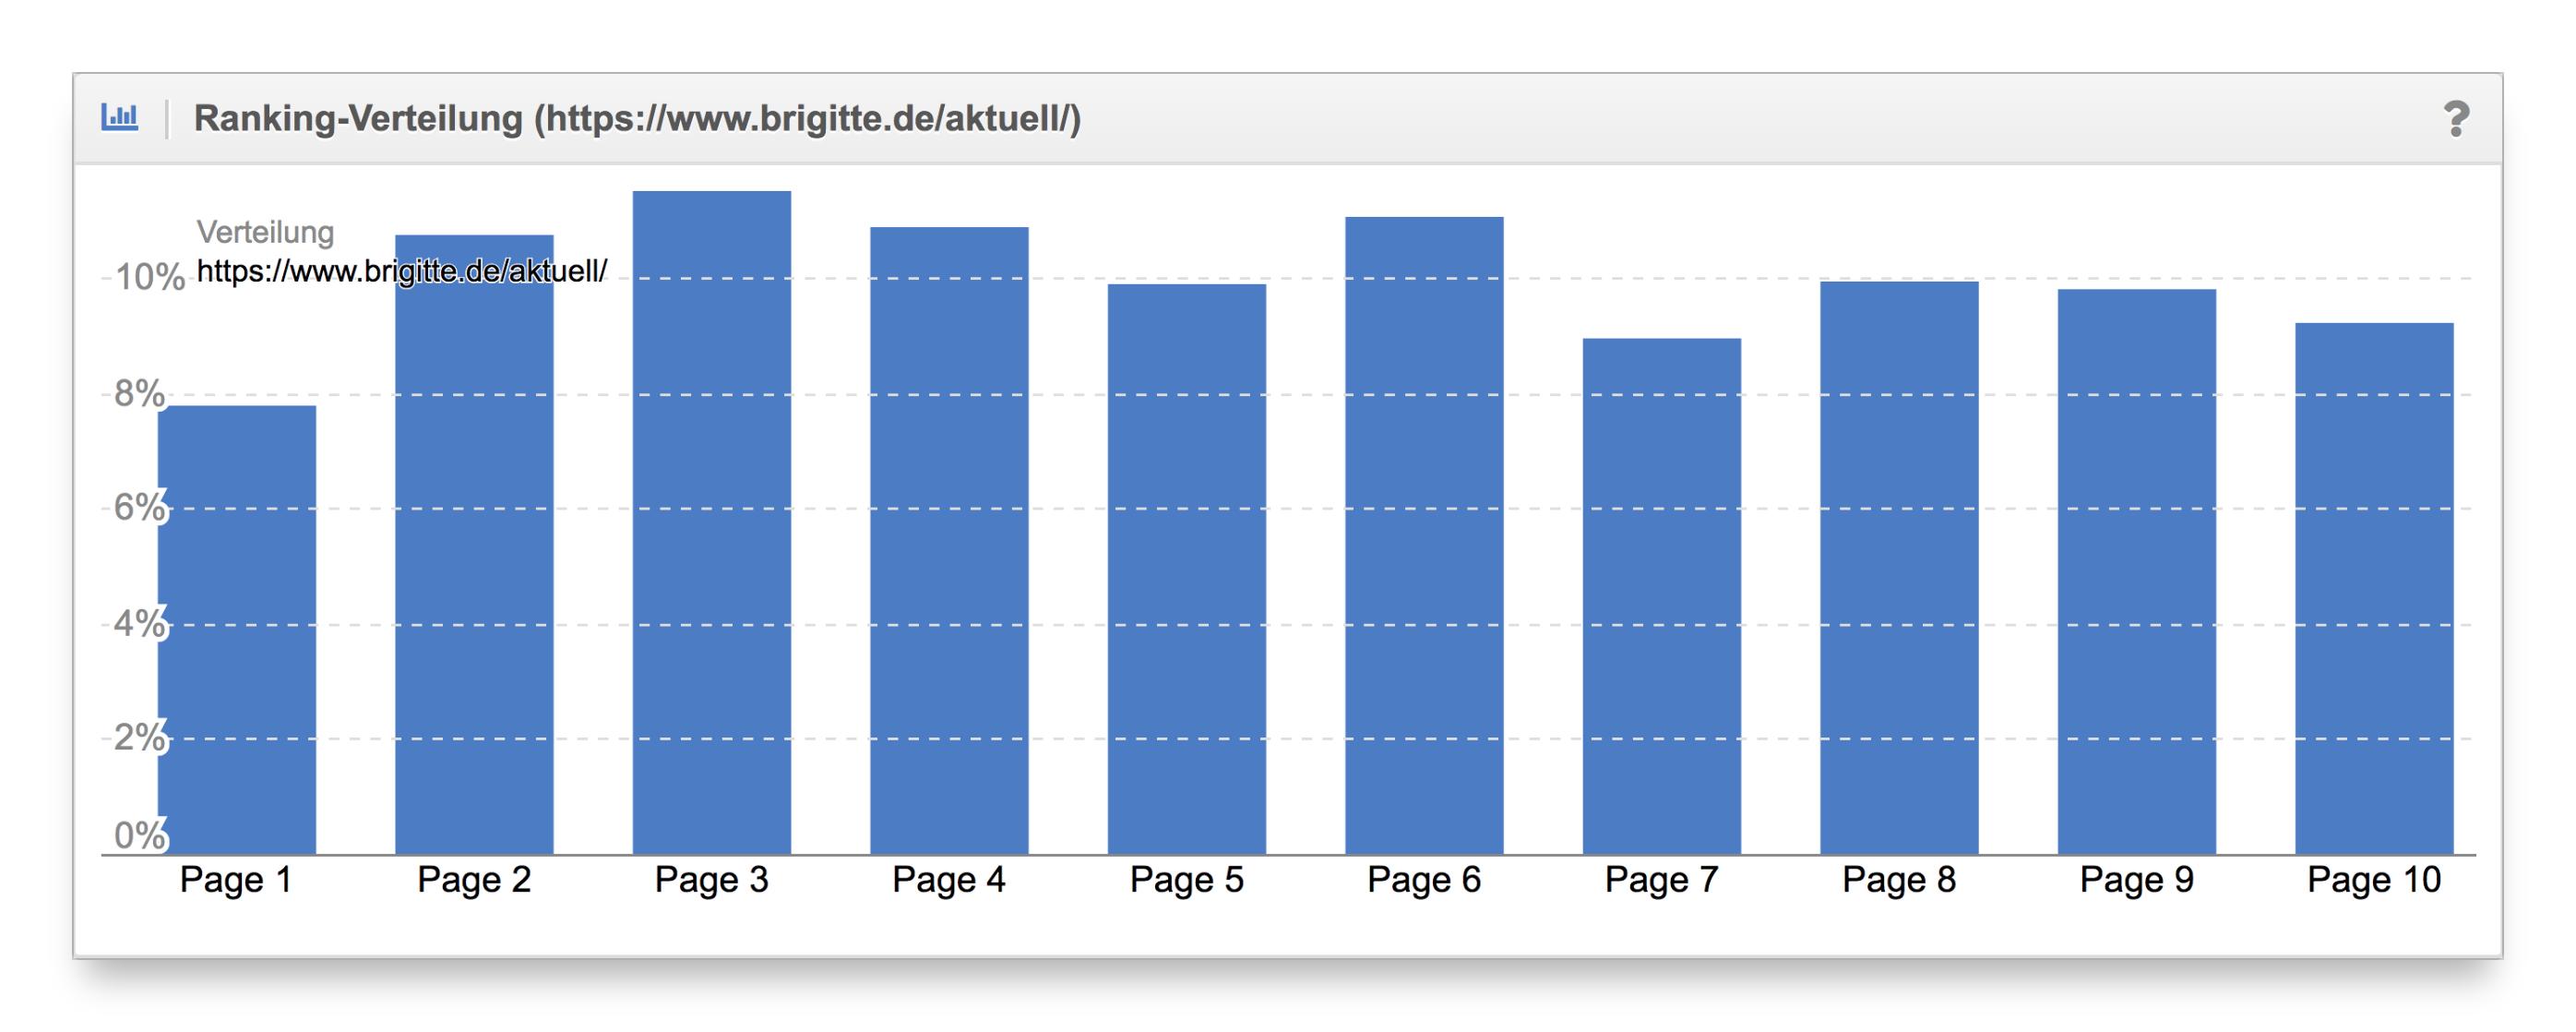 Vergleich Ranking-Verteilung Content-Formate brigitte.de